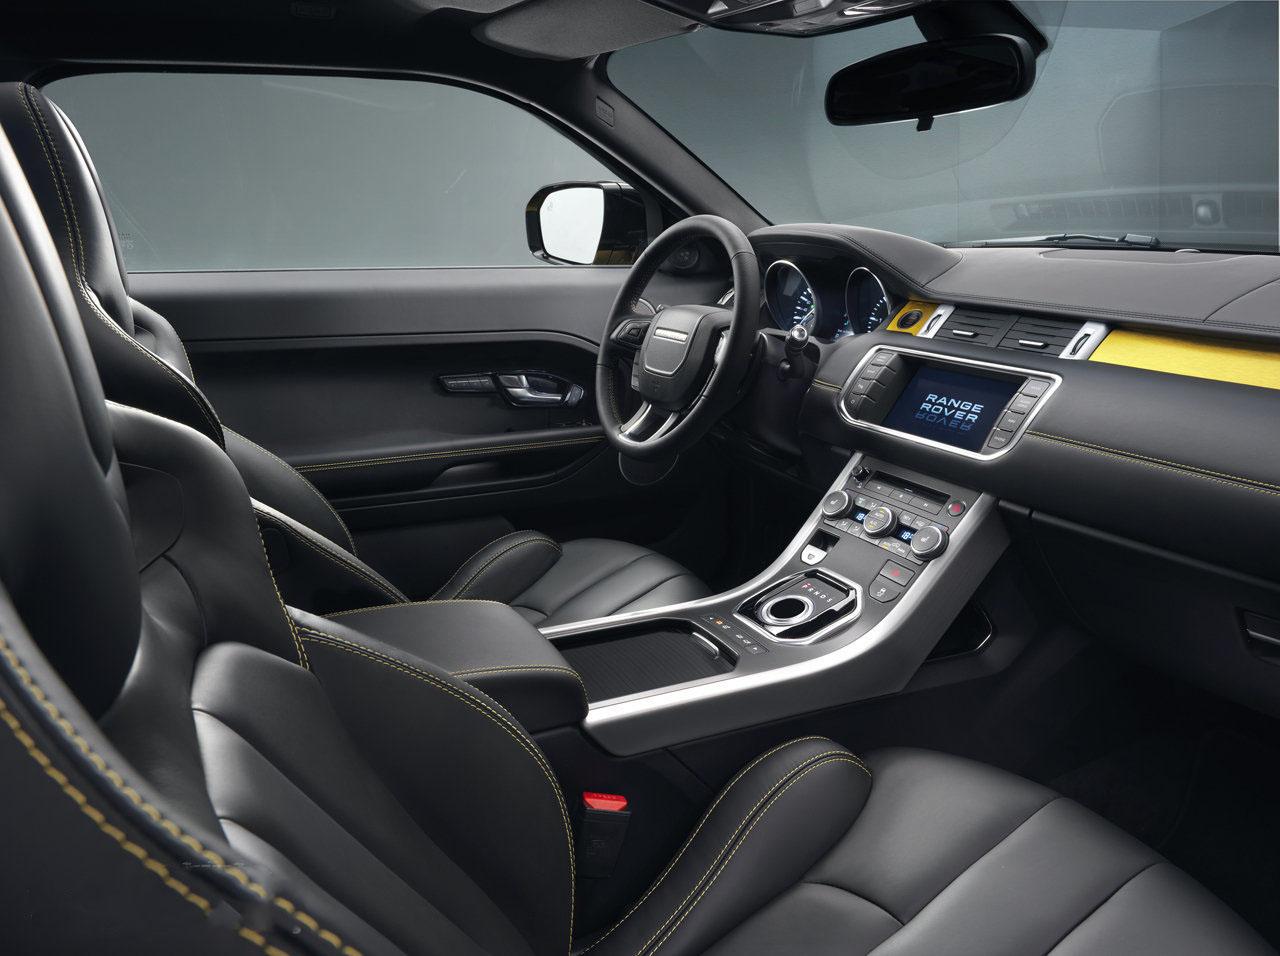 a car 2013 Range Rover Evoque Sicilian Yellow Edition